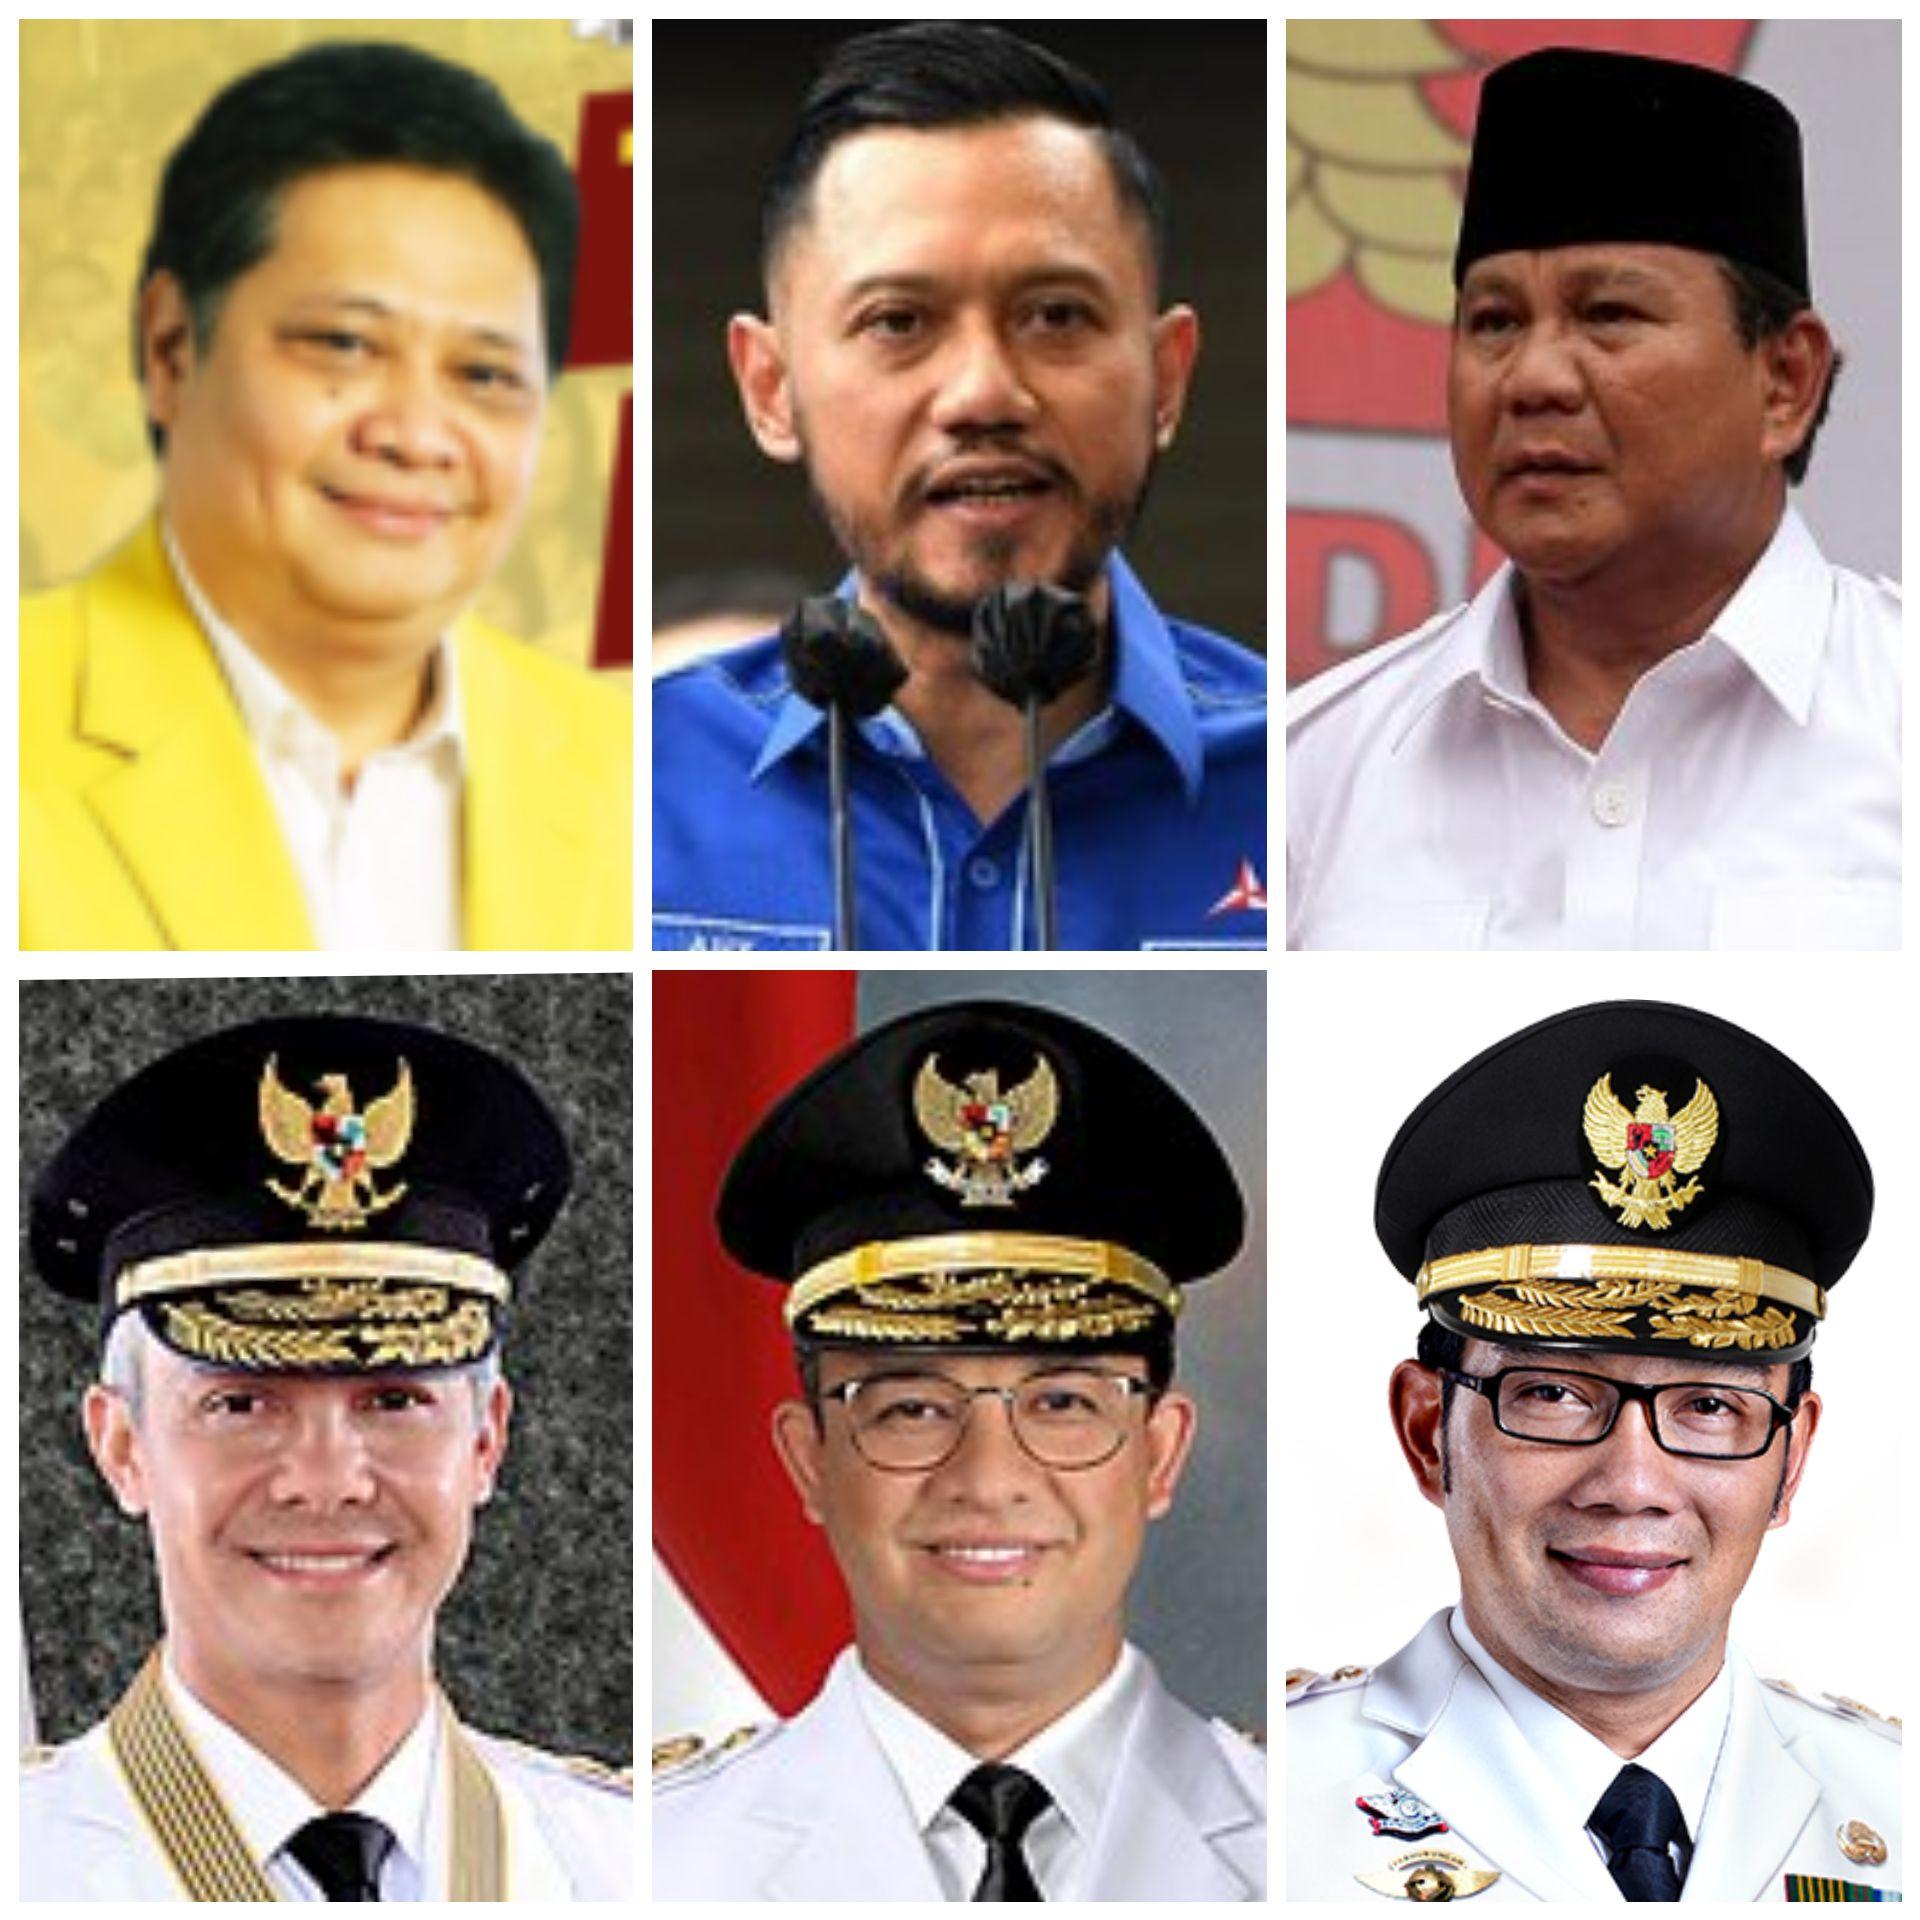 Capres Elektabilitas vs Capres Ketum Parpol, Siapa Paling Berpeluang Maju Pilpres?